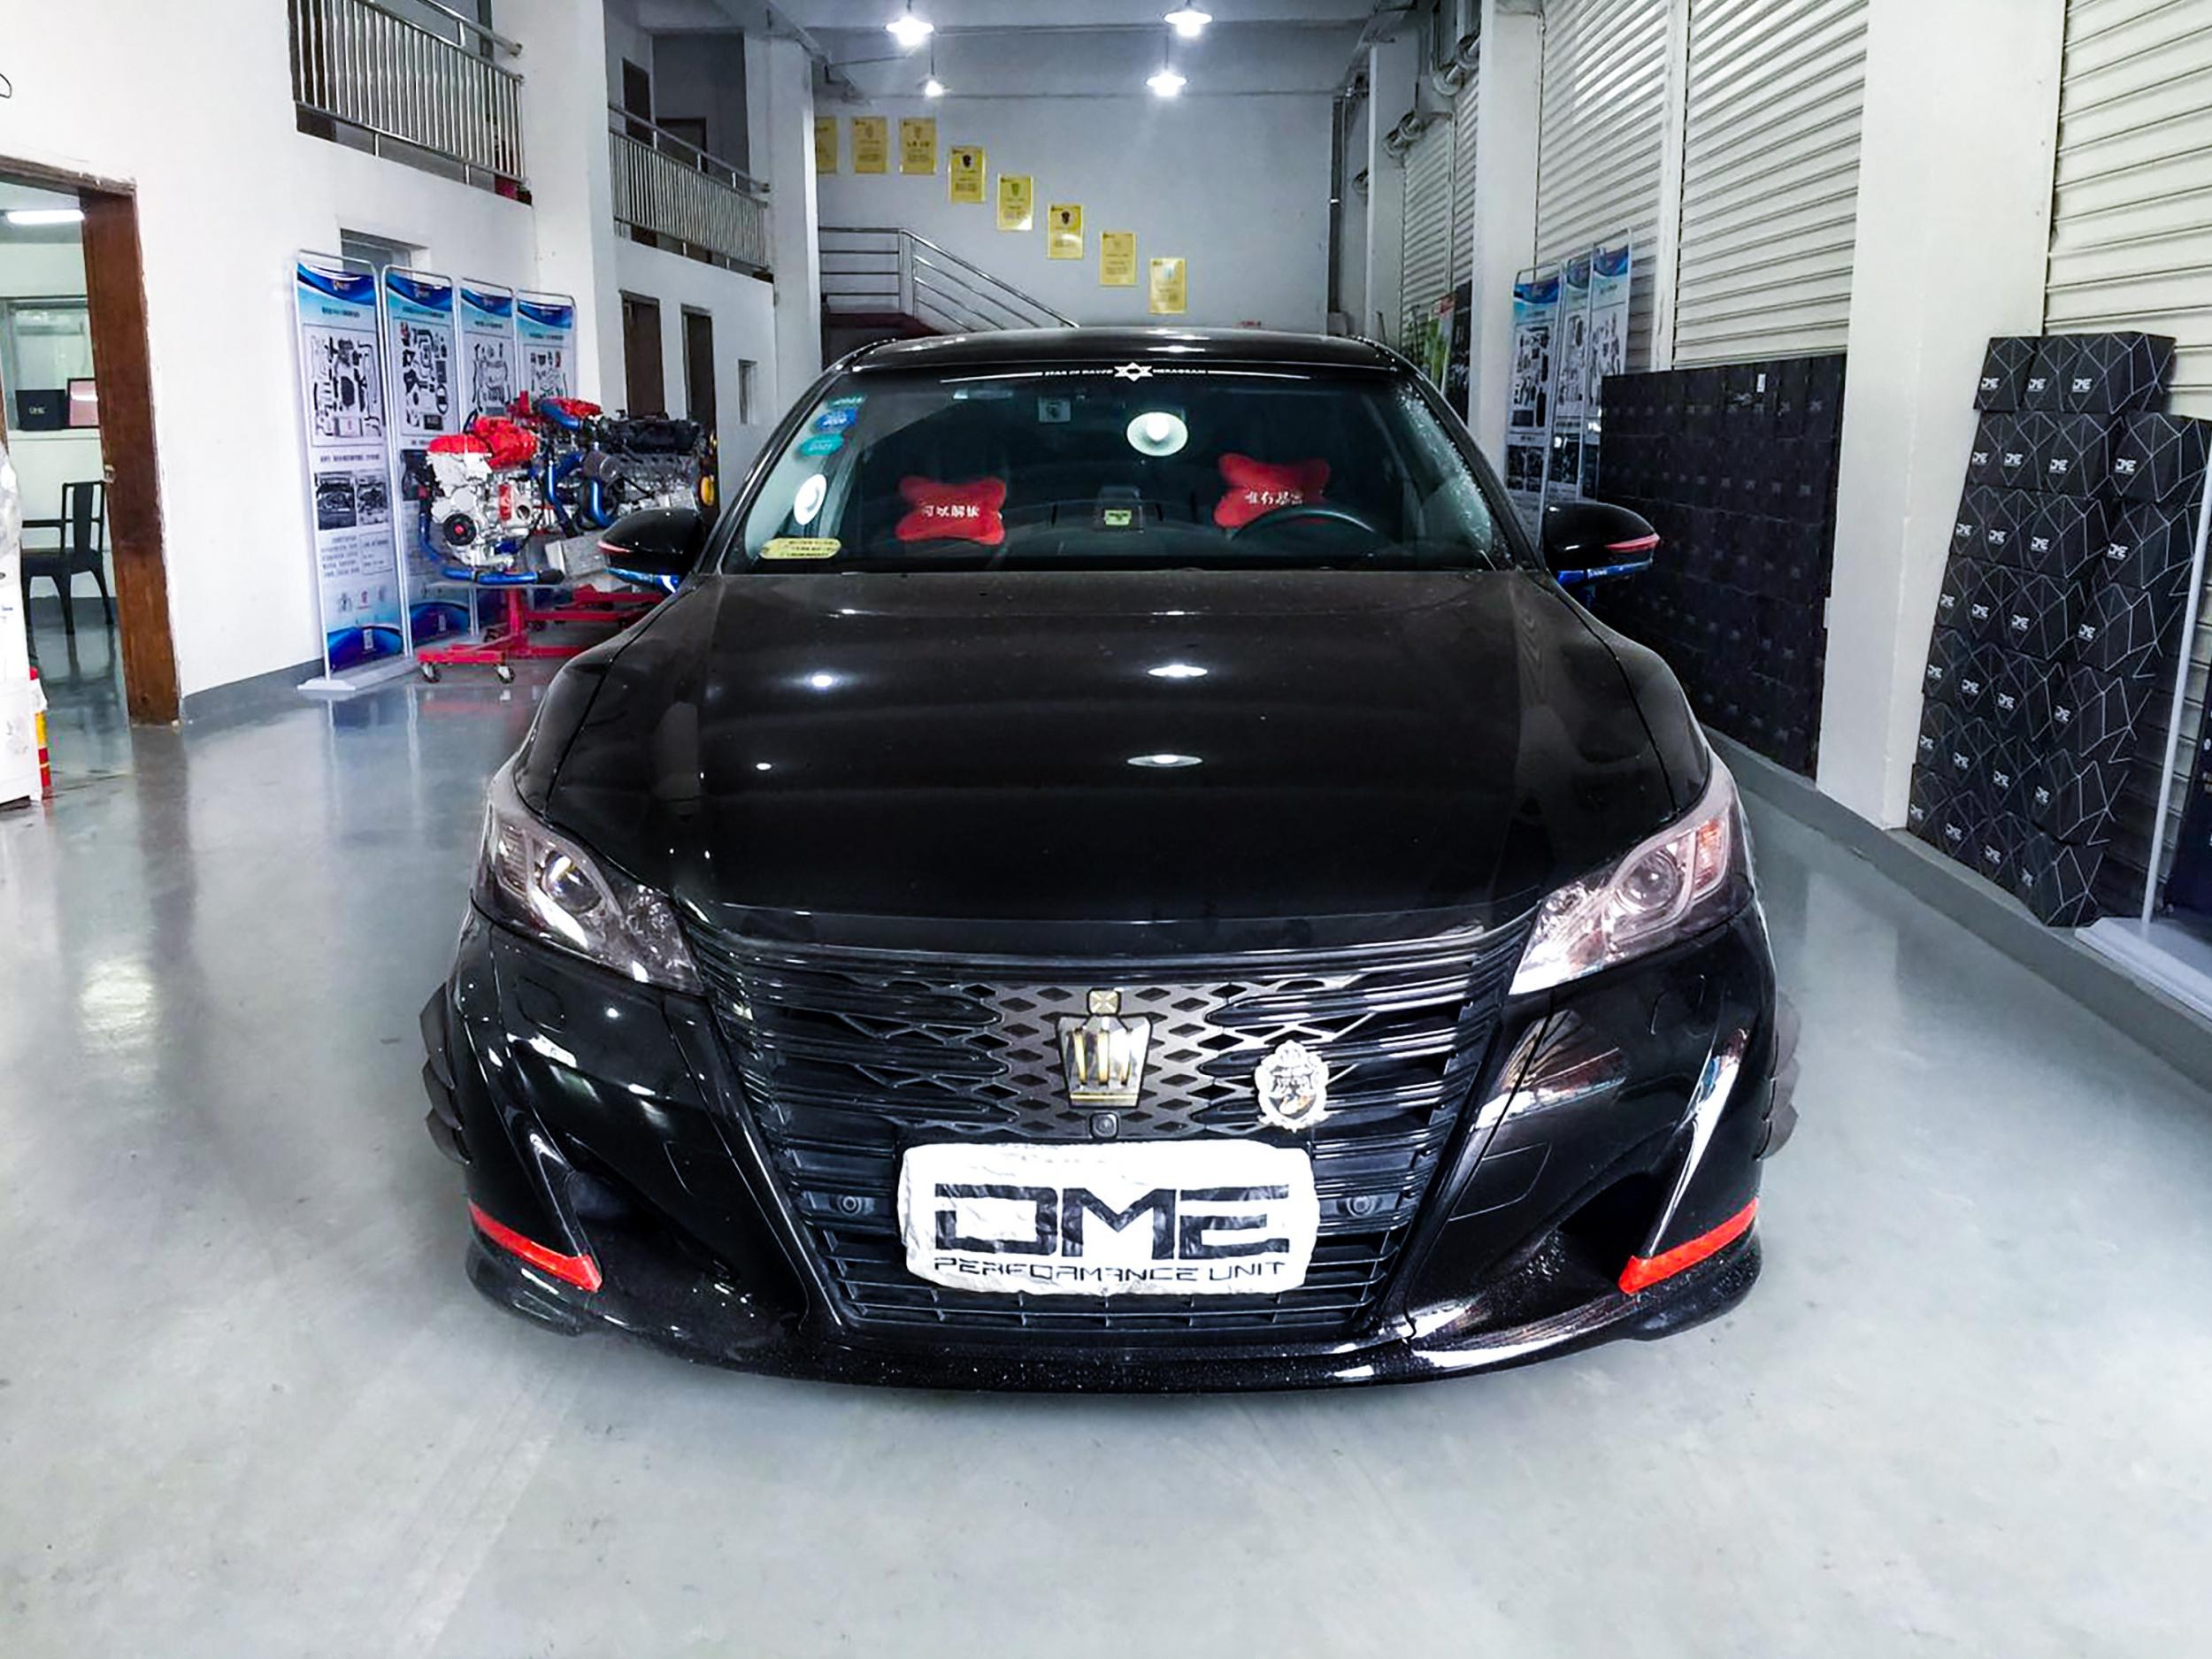 丰田皇冠-2.0T-8AR动力升级【DME外挂电脑程序】